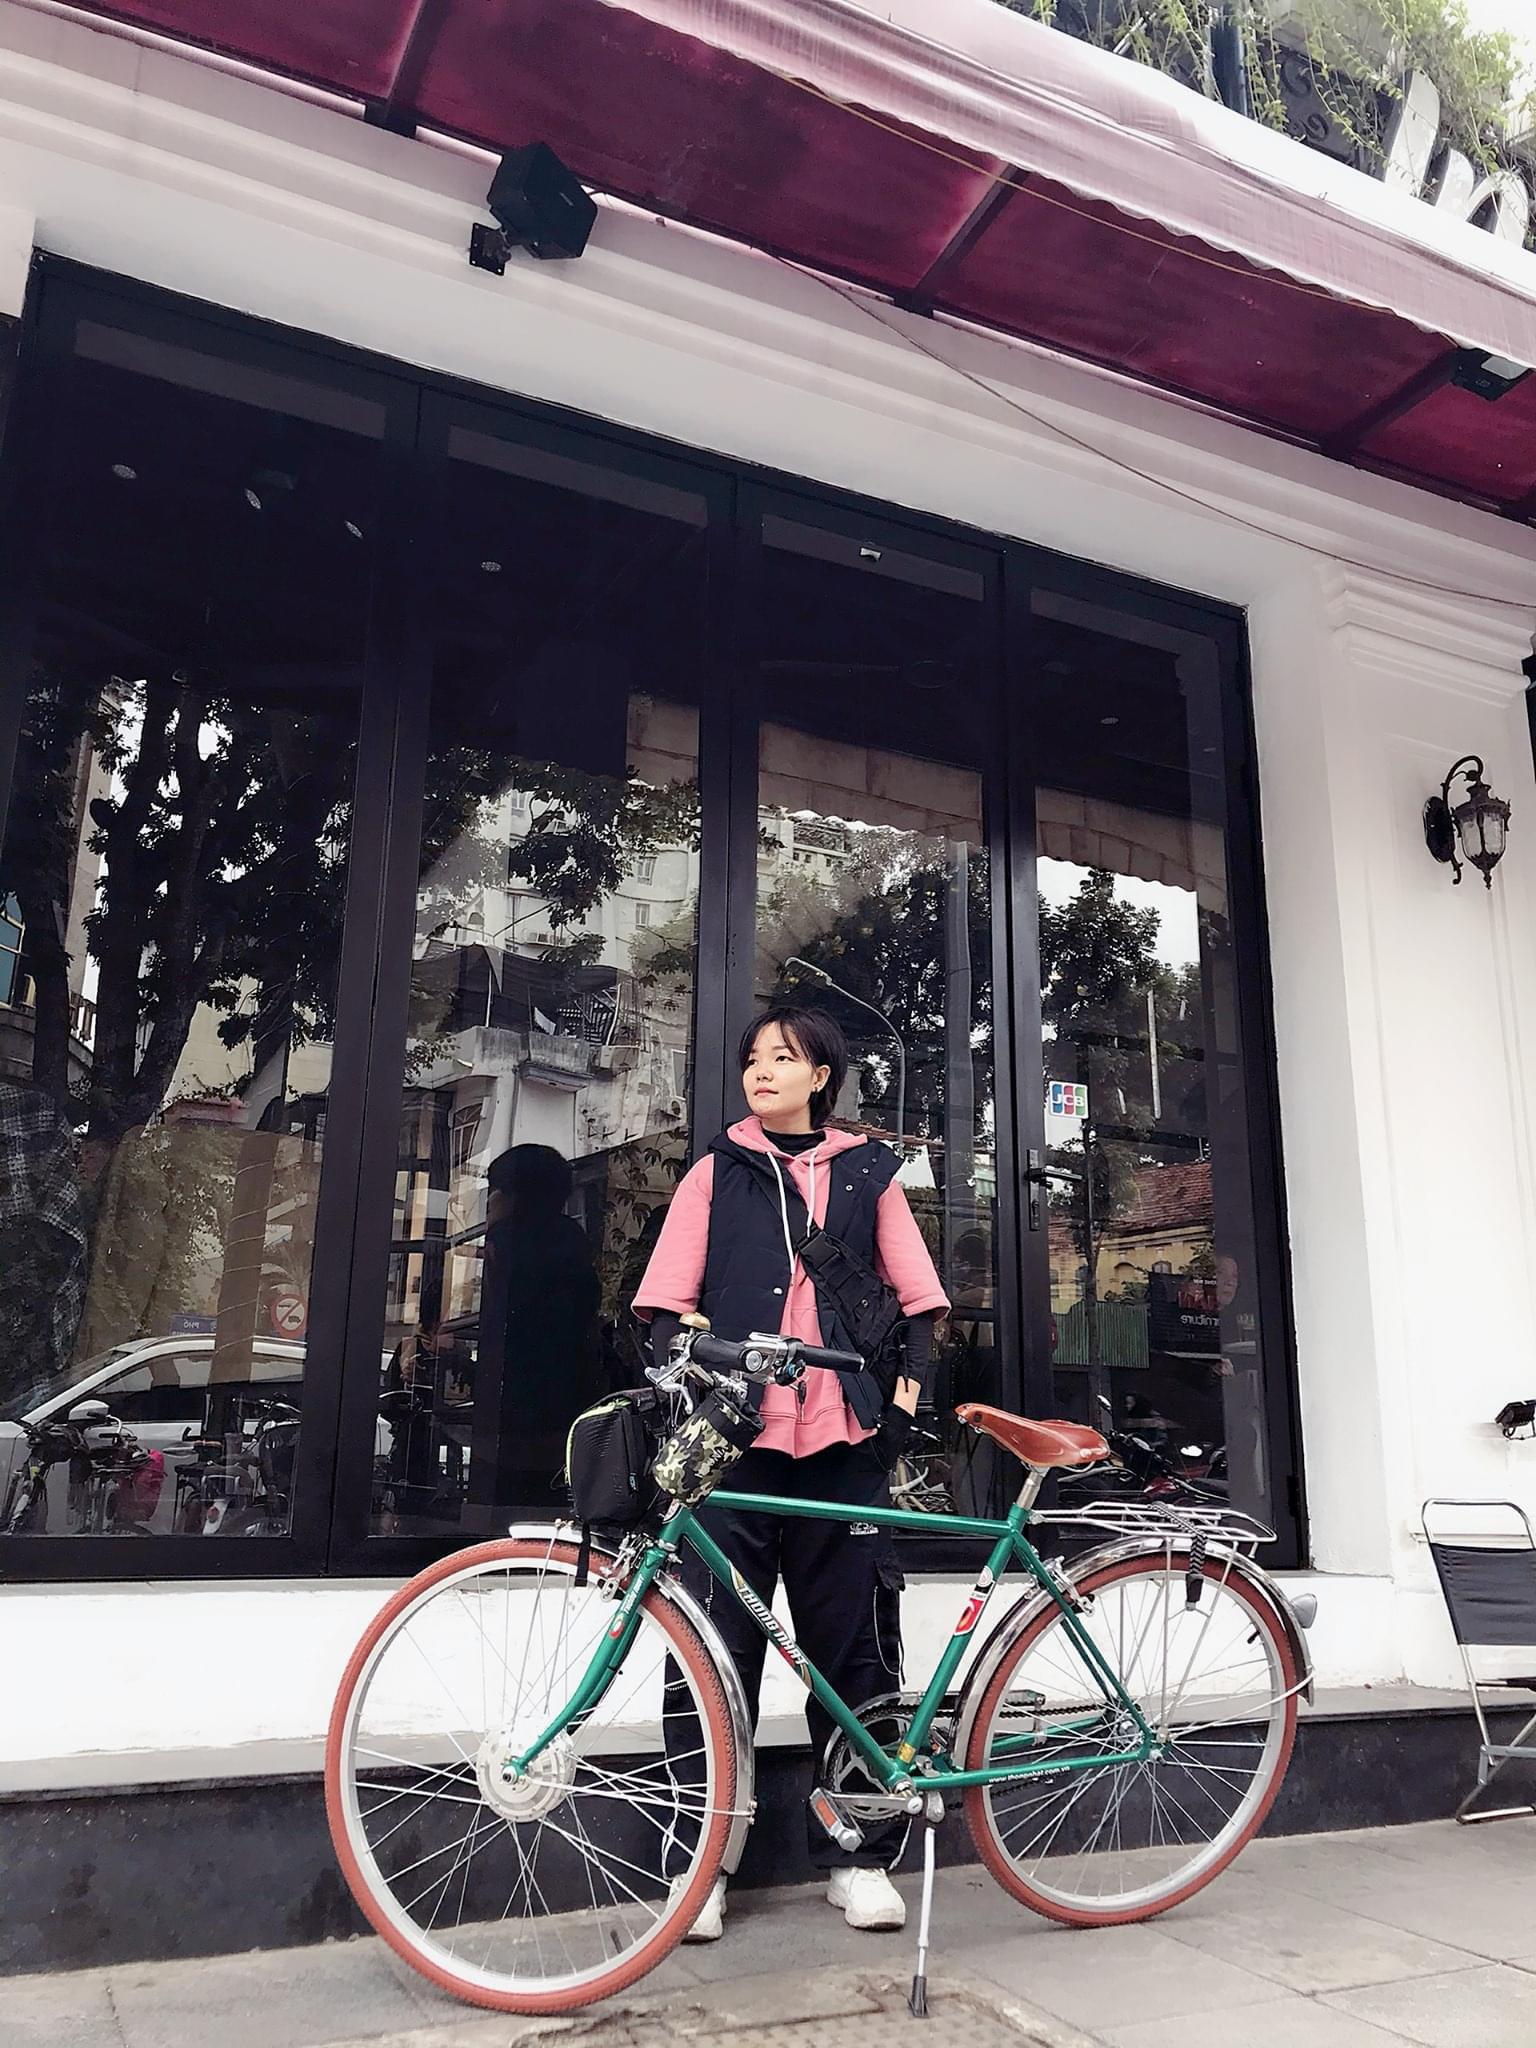 """Dân Hà Nội rộ mốt """"độ"""" xe đạp trợ lực điện, chạy vèo vèo đi làm, dạo phố - Ảnh 5."""